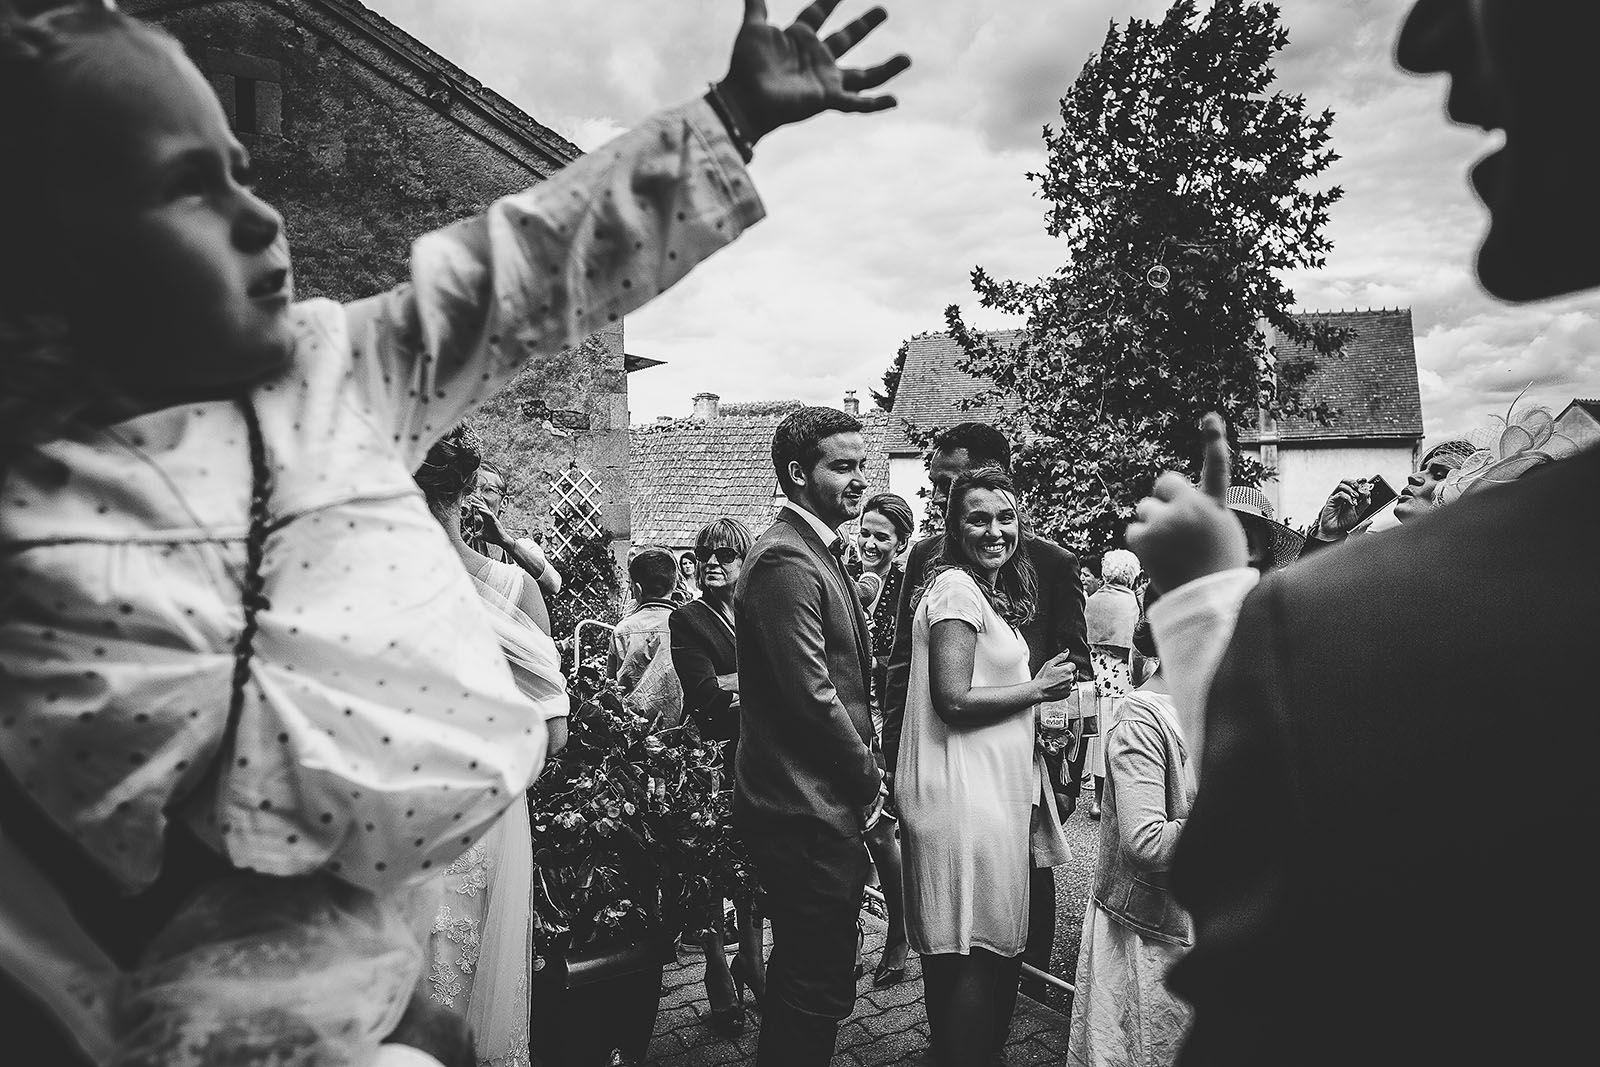 photographe-mariage-lyon-emotion-noir-blanc-intense-magnifique-lumiere-davidpommier (44)